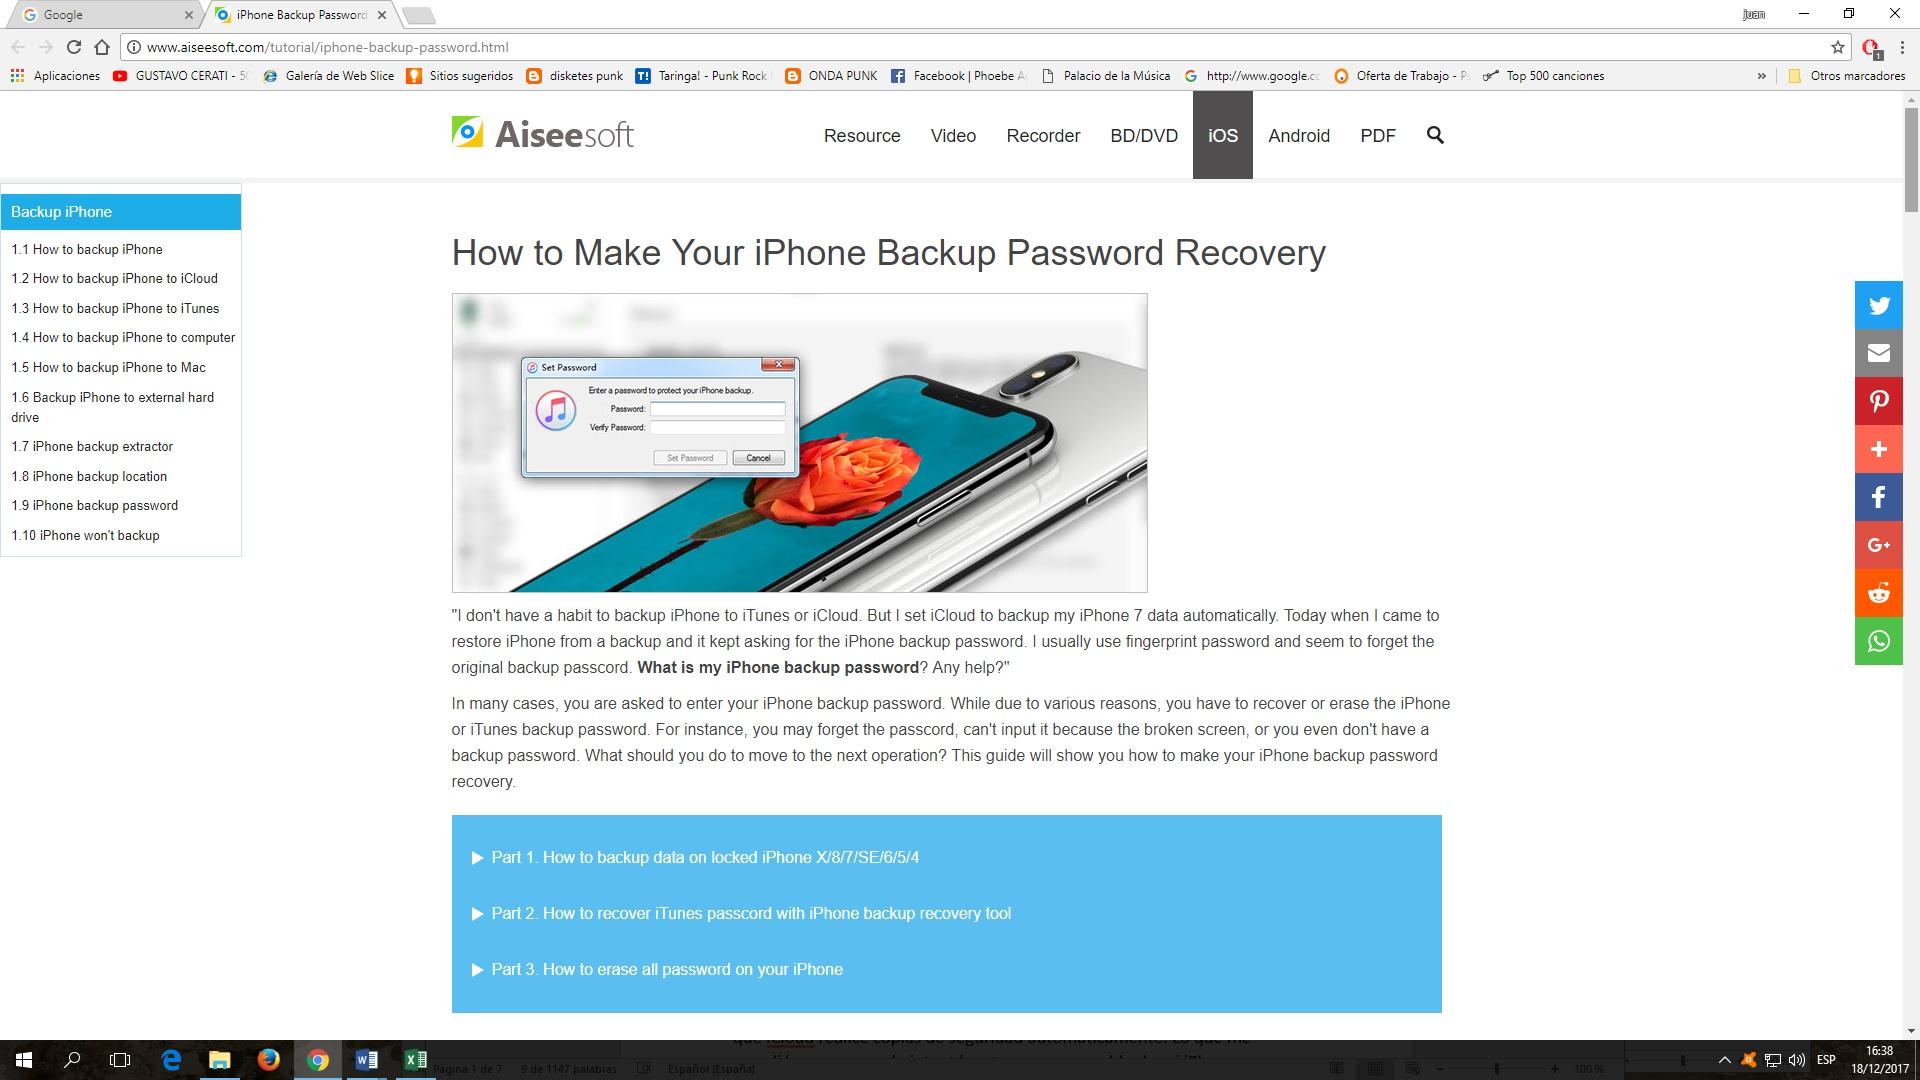 Cómo recuperar copias de seguridad con contraseña en iPhone